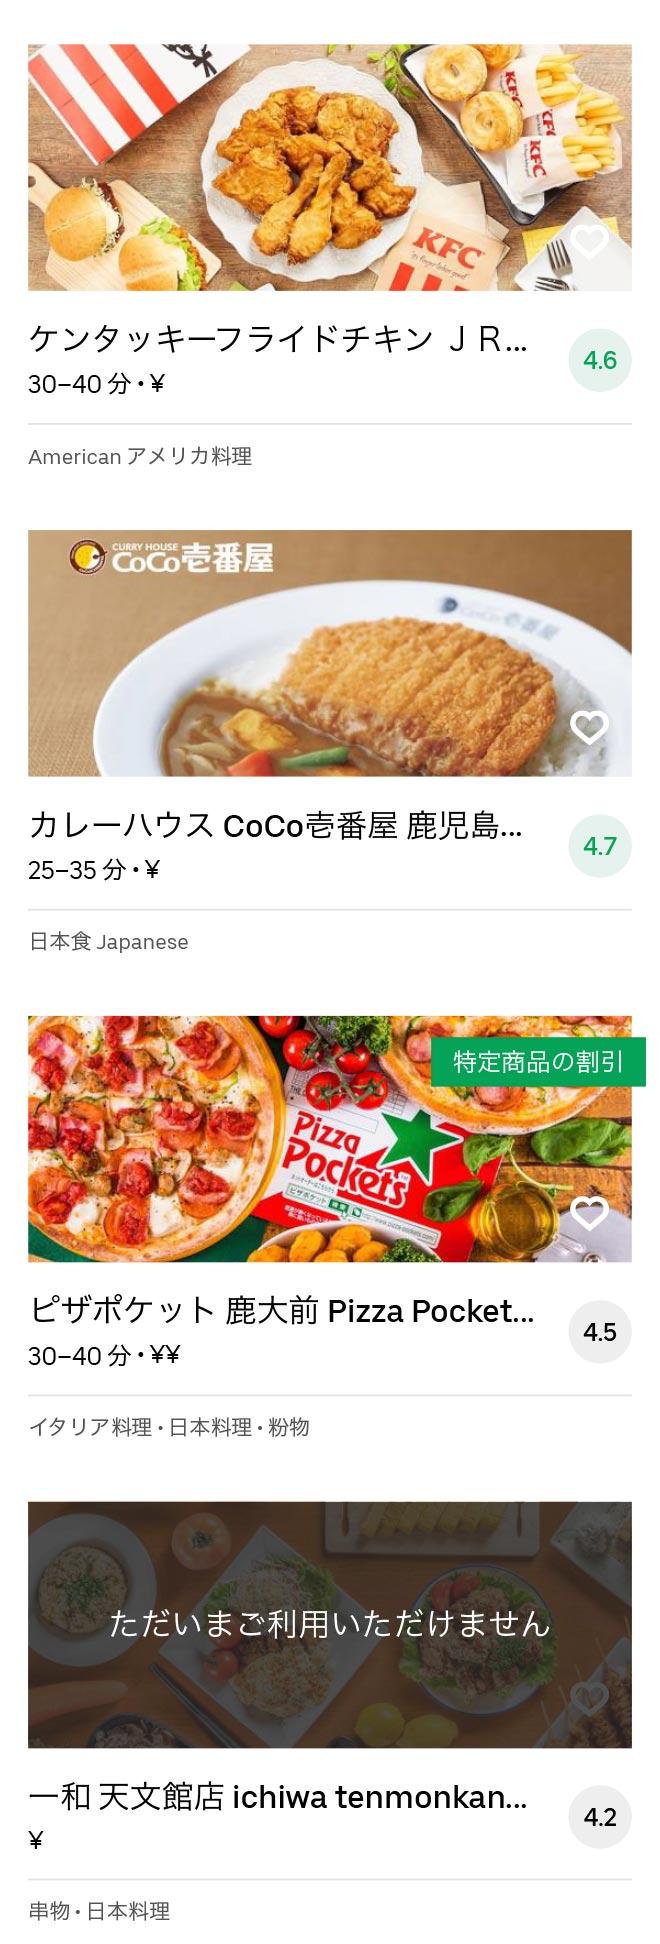 Tenmonkan menu 2009 6